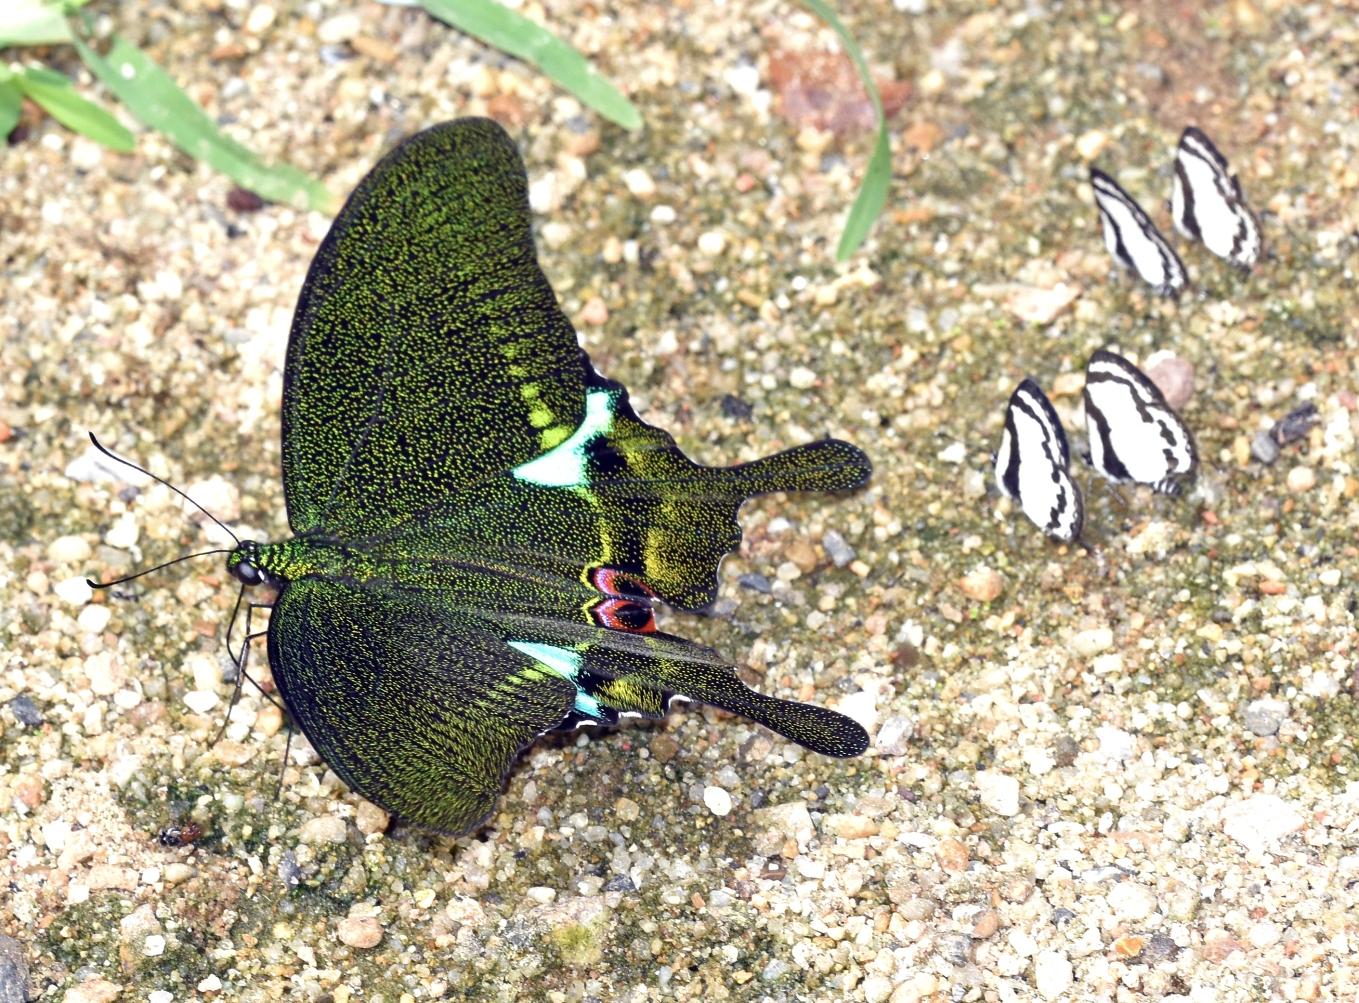 Paris Peacock (Papilio paris) Linnaeus, 1758